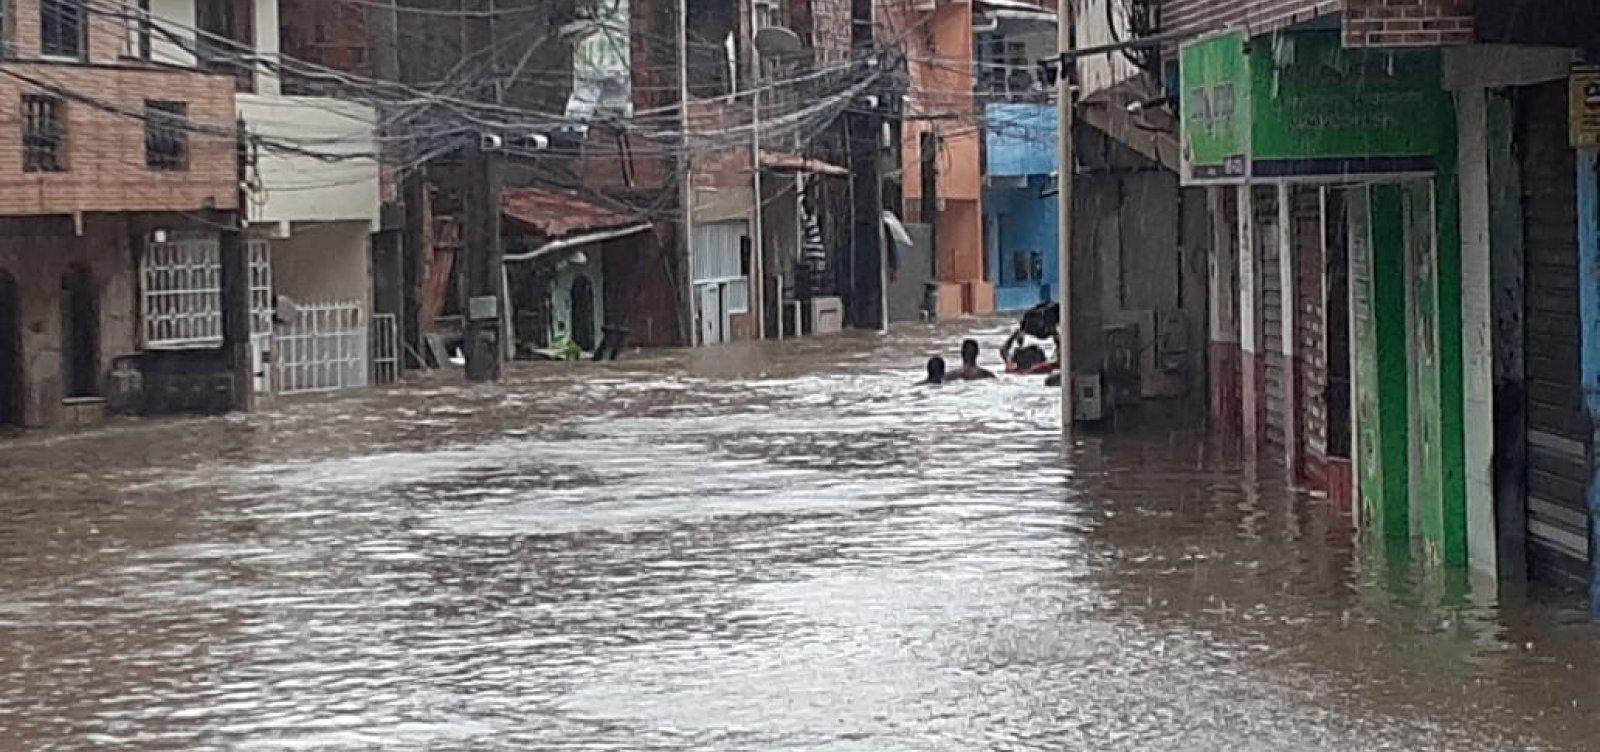 'Salvador enfrenta uma das maiores chuvas dos últimos anos', diz ACM Neto